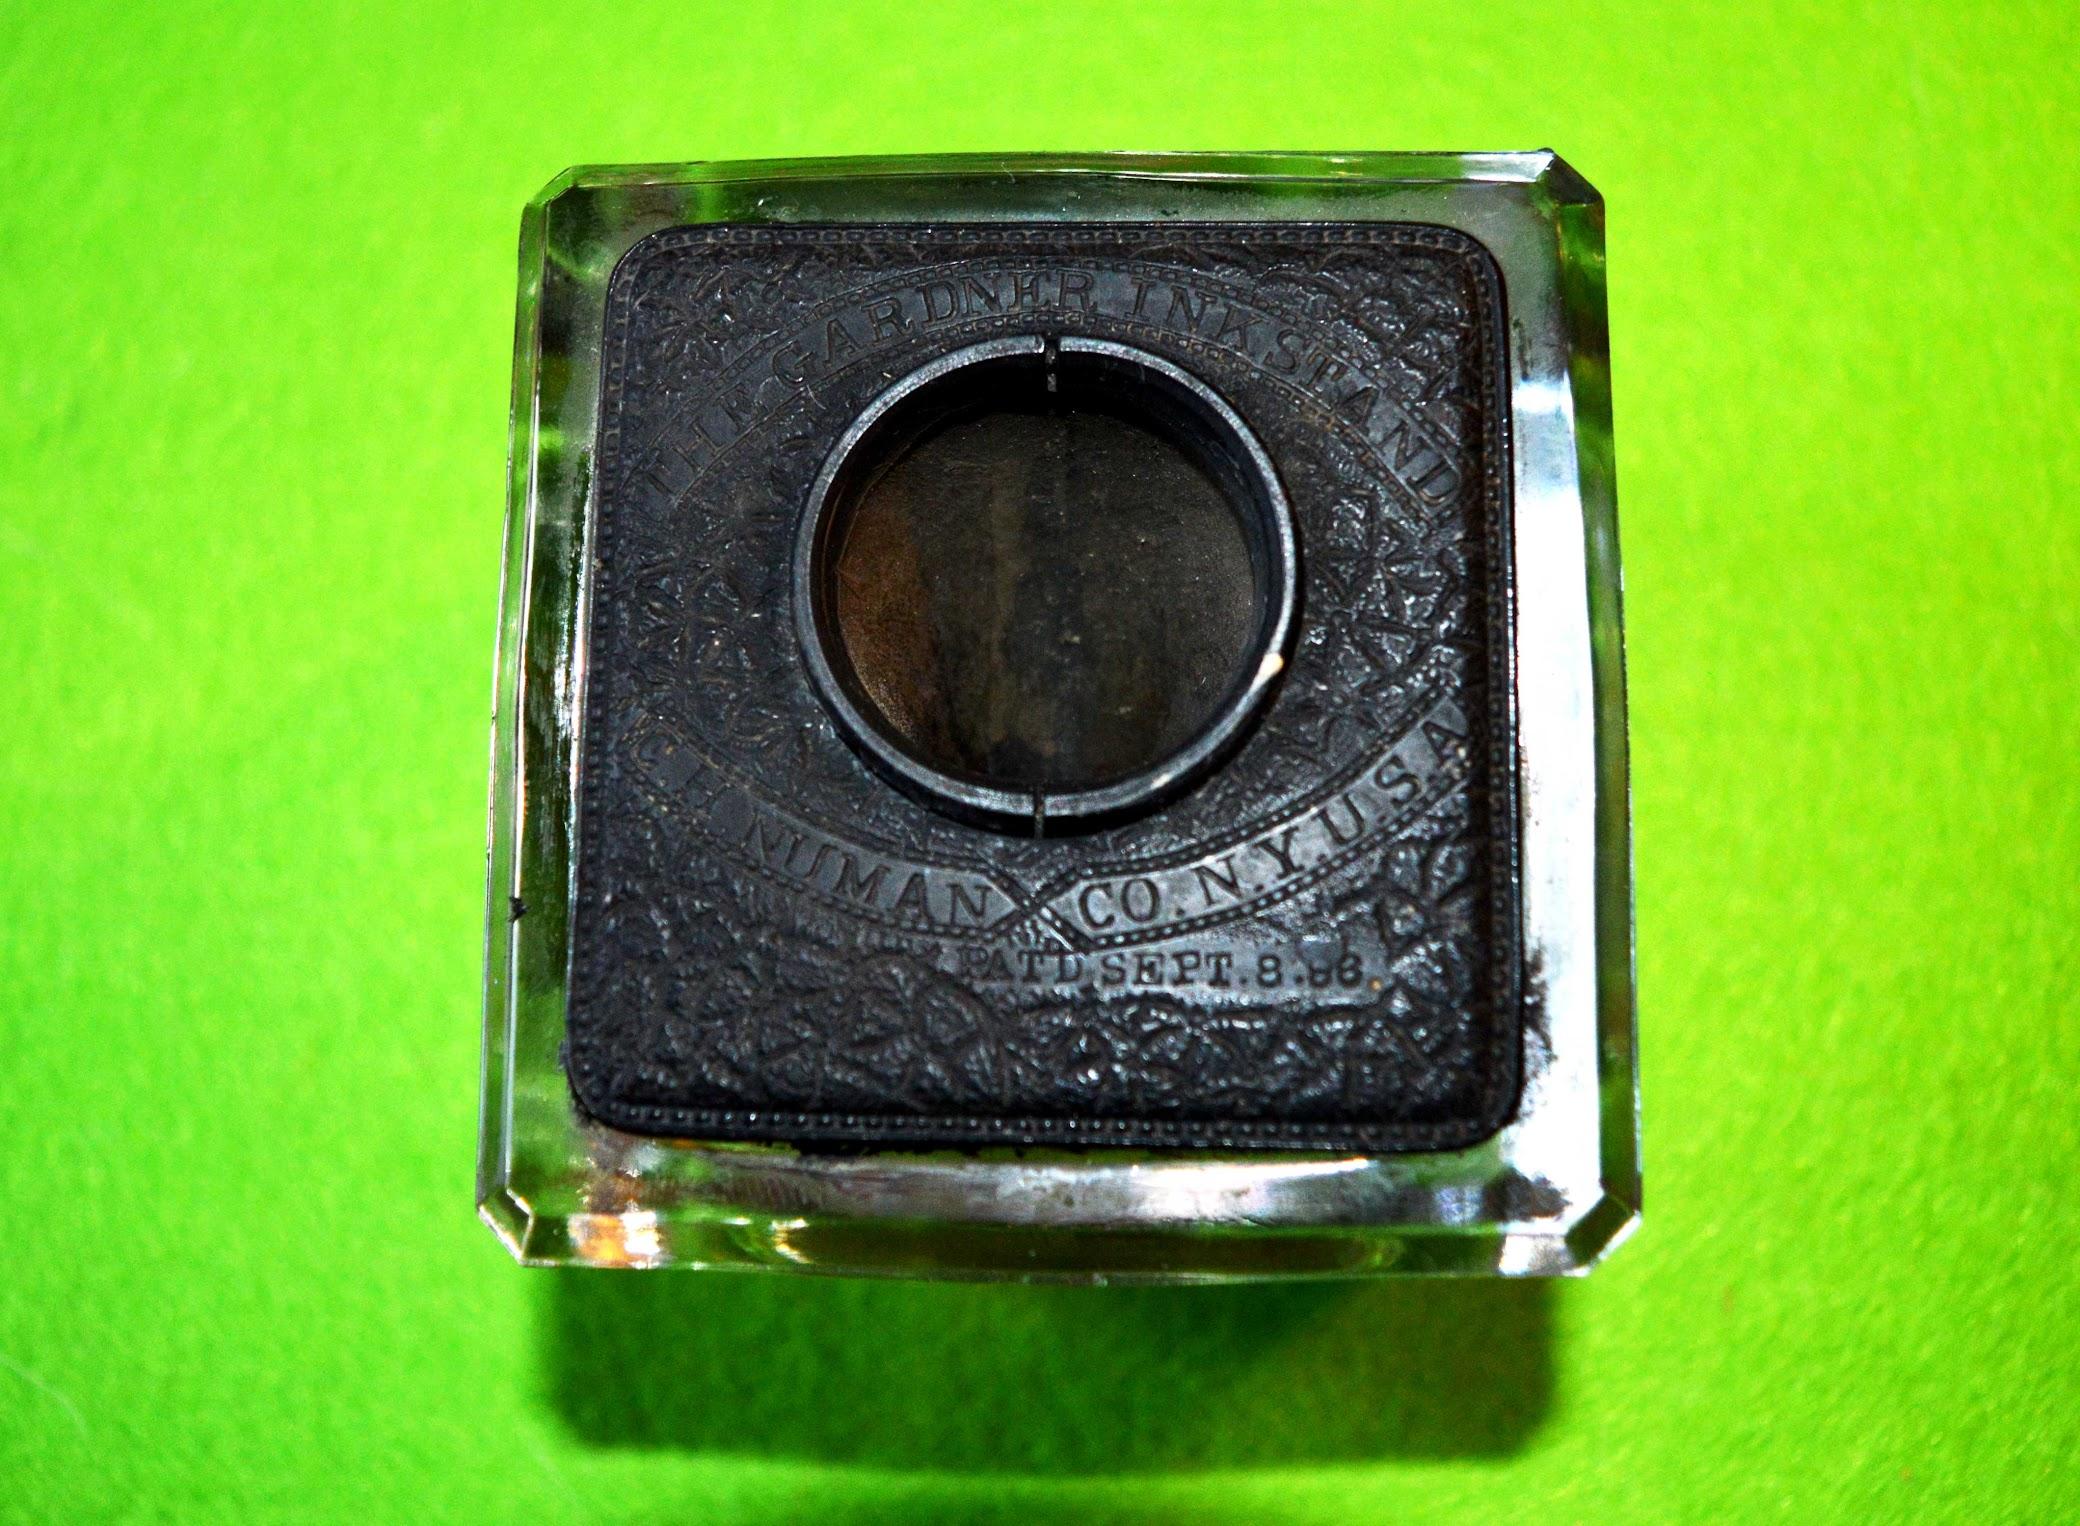 Tintenfass Gardner Inkstand, C. H. Numan Co., New York und Feder